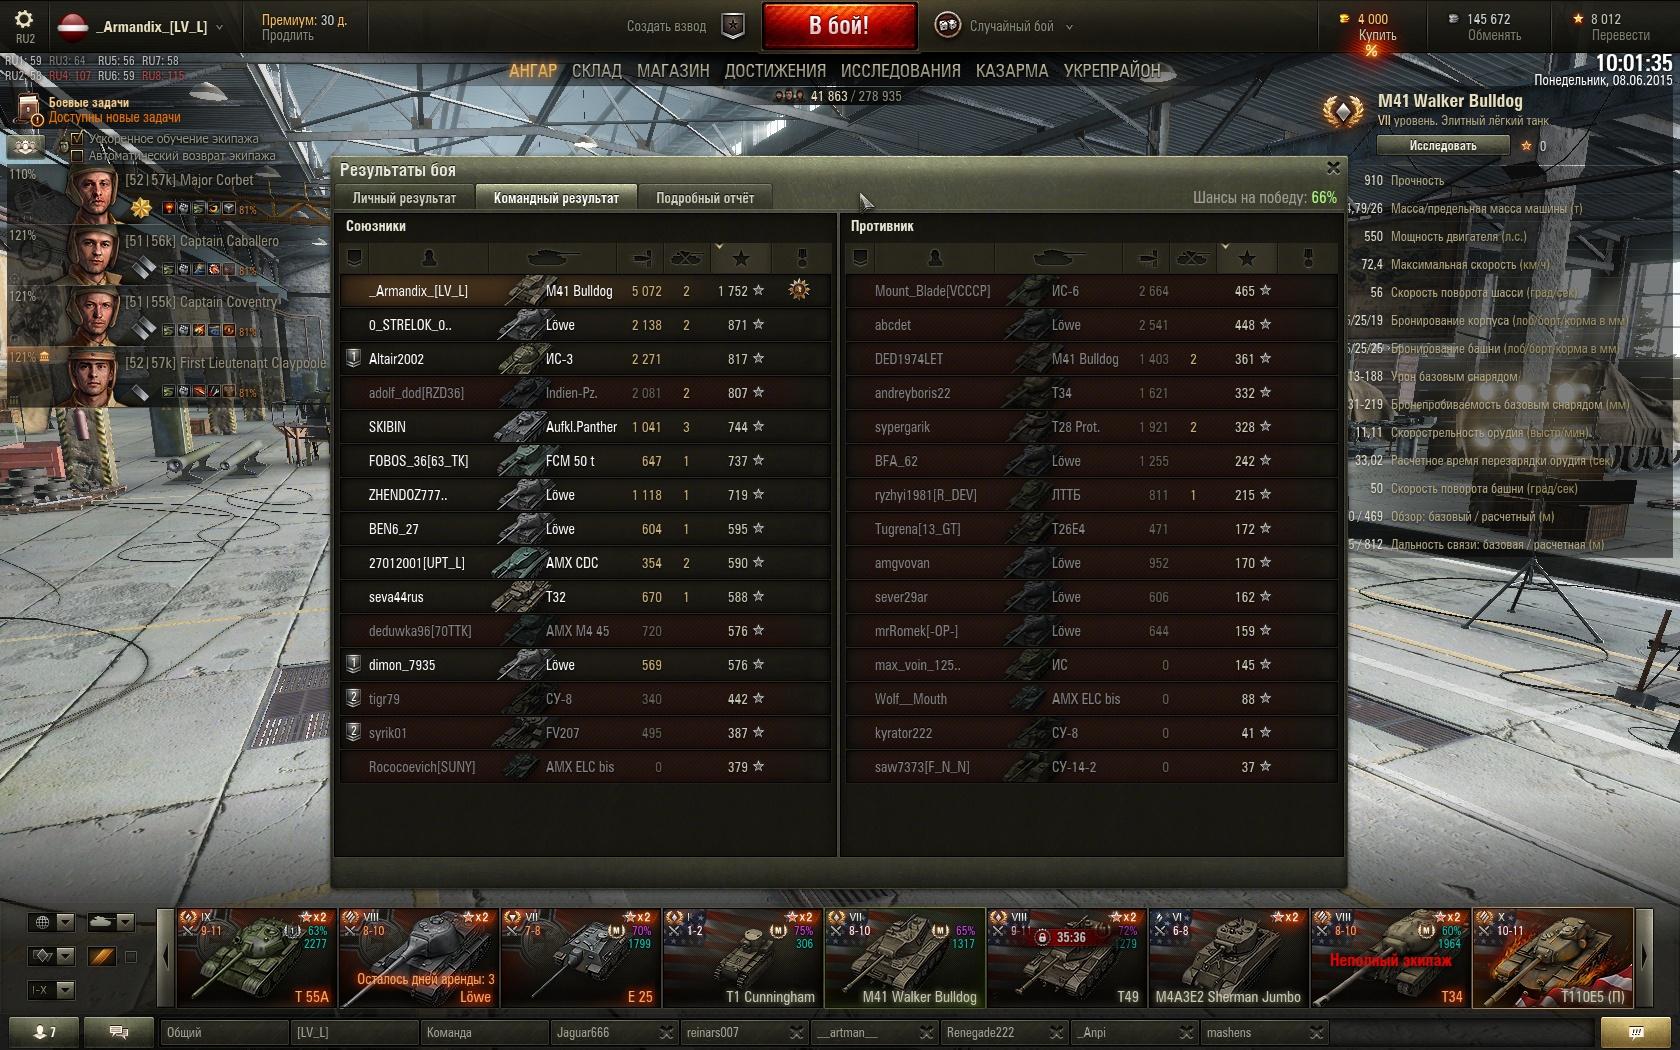 (Master) M41 Walker Bulldog Ztrje00pxkuoaaqwz19